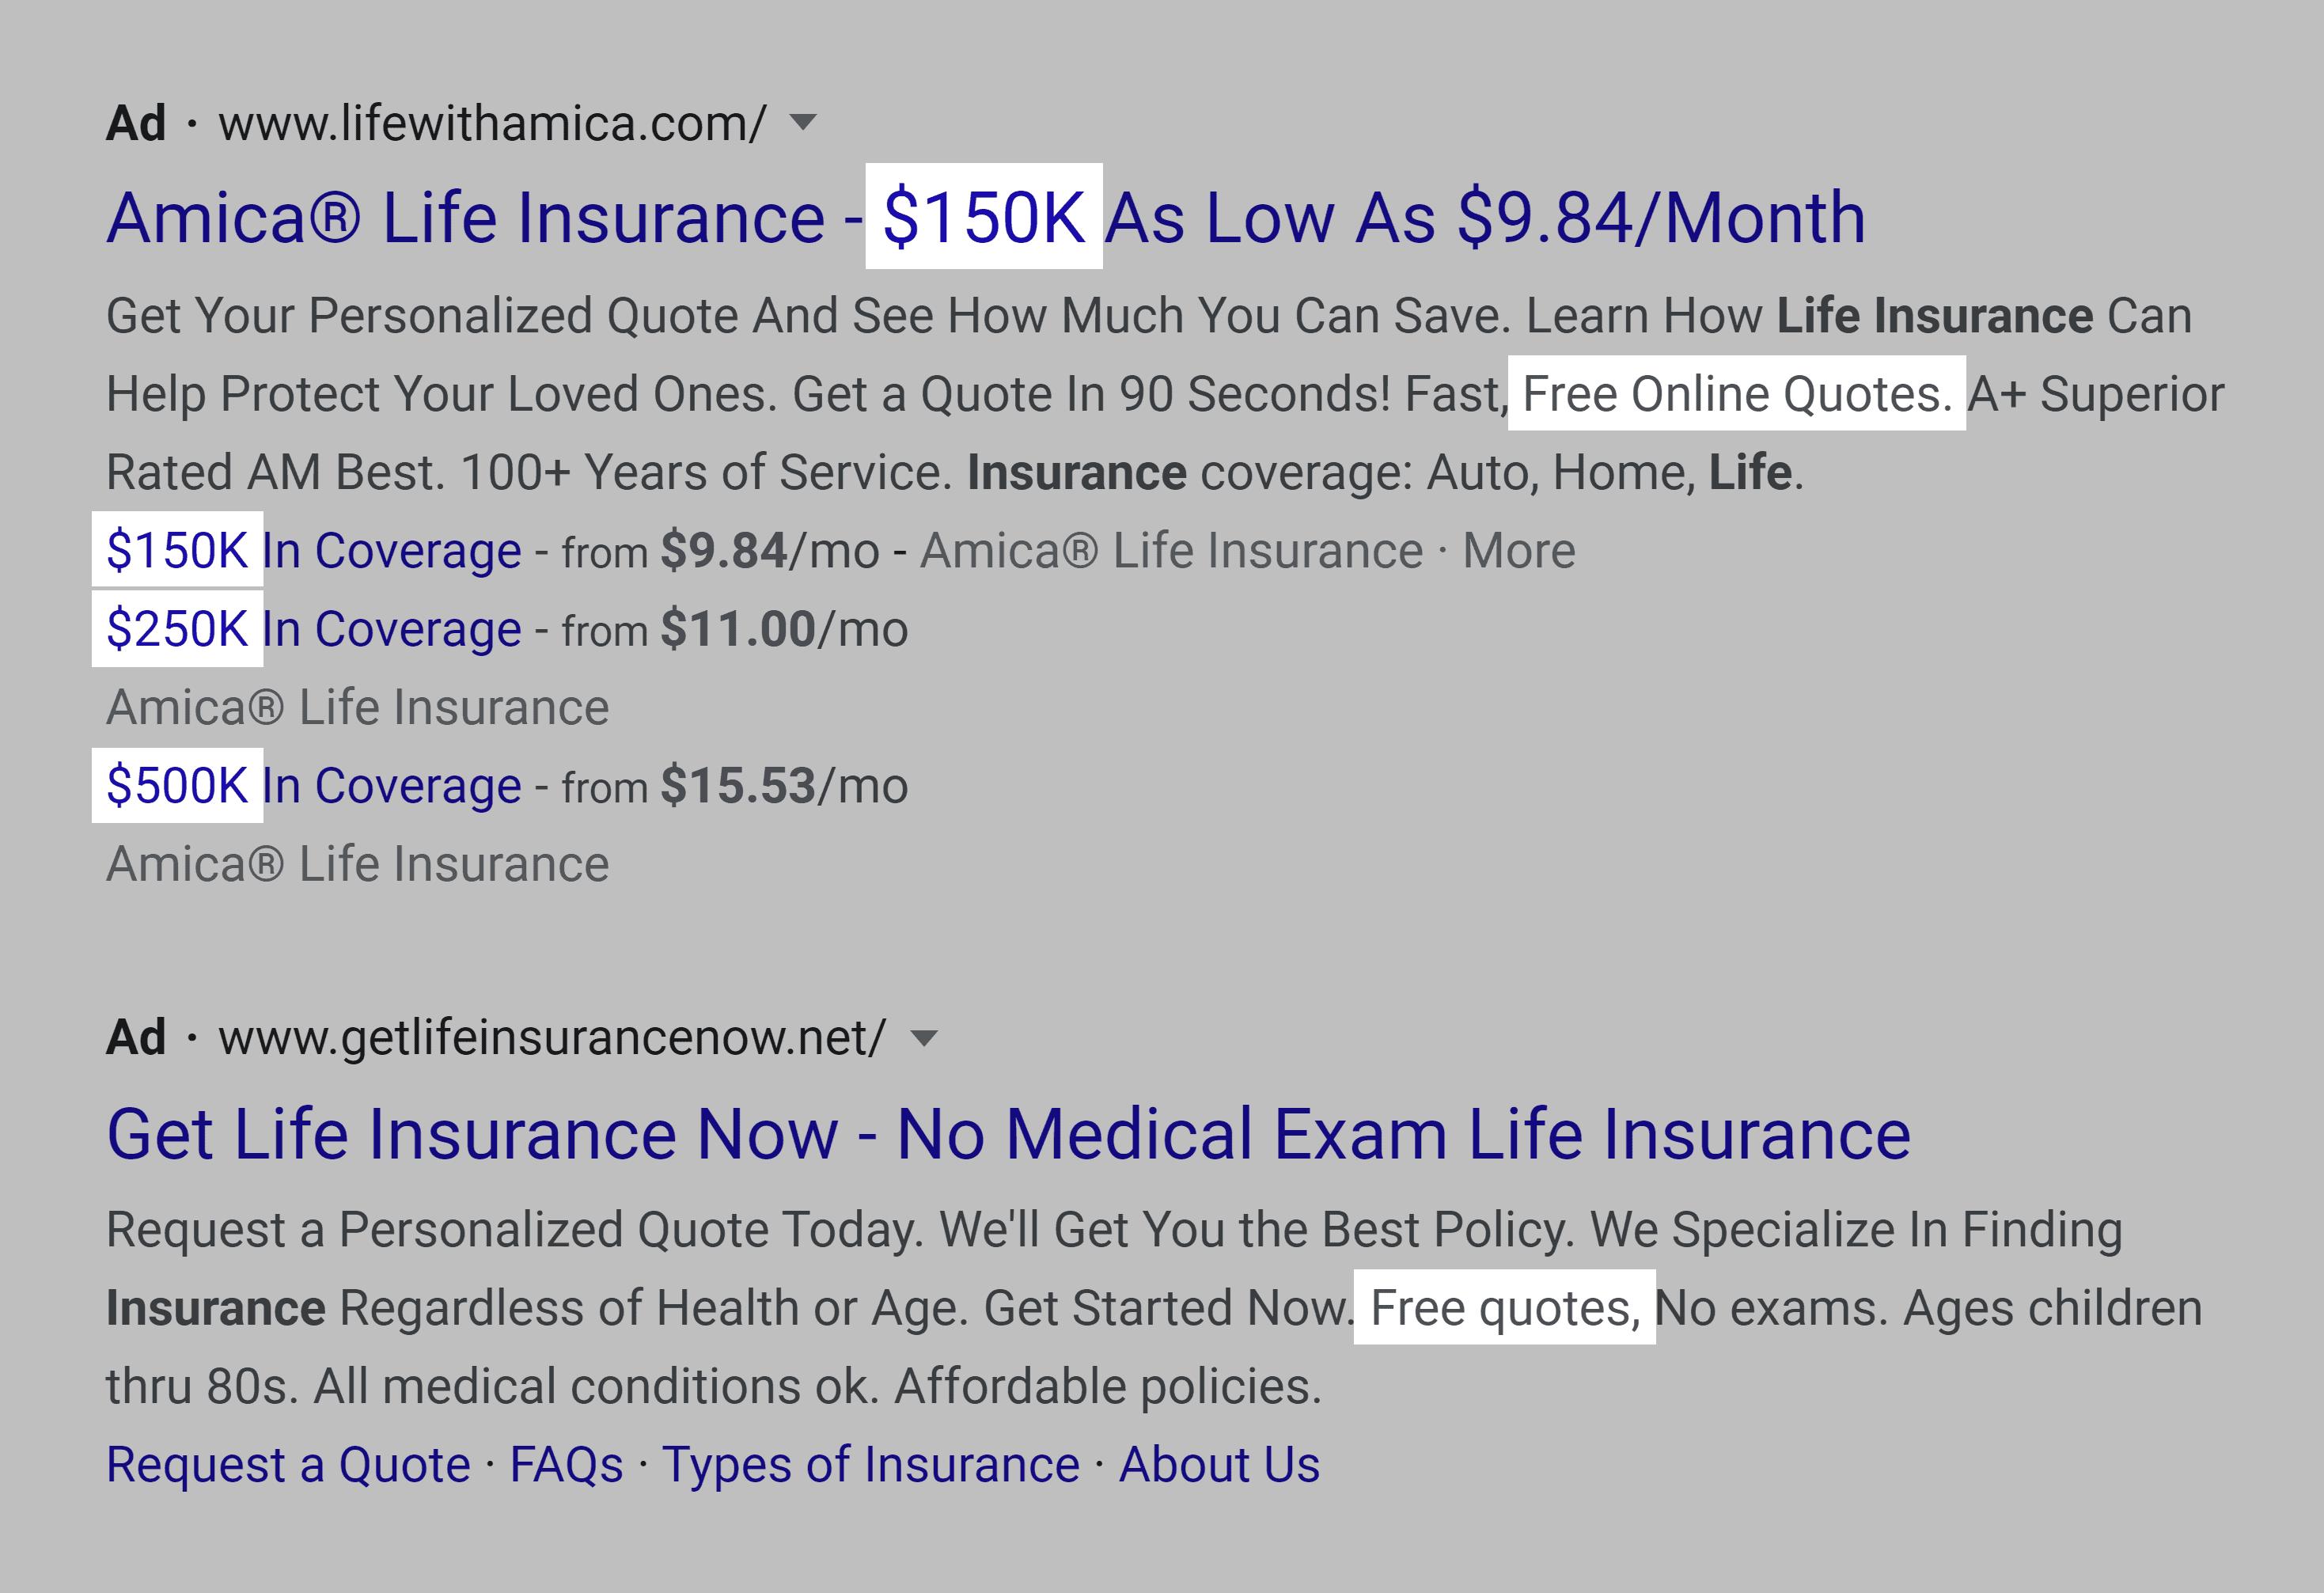 Фразы в объявлениях о страховании жизни